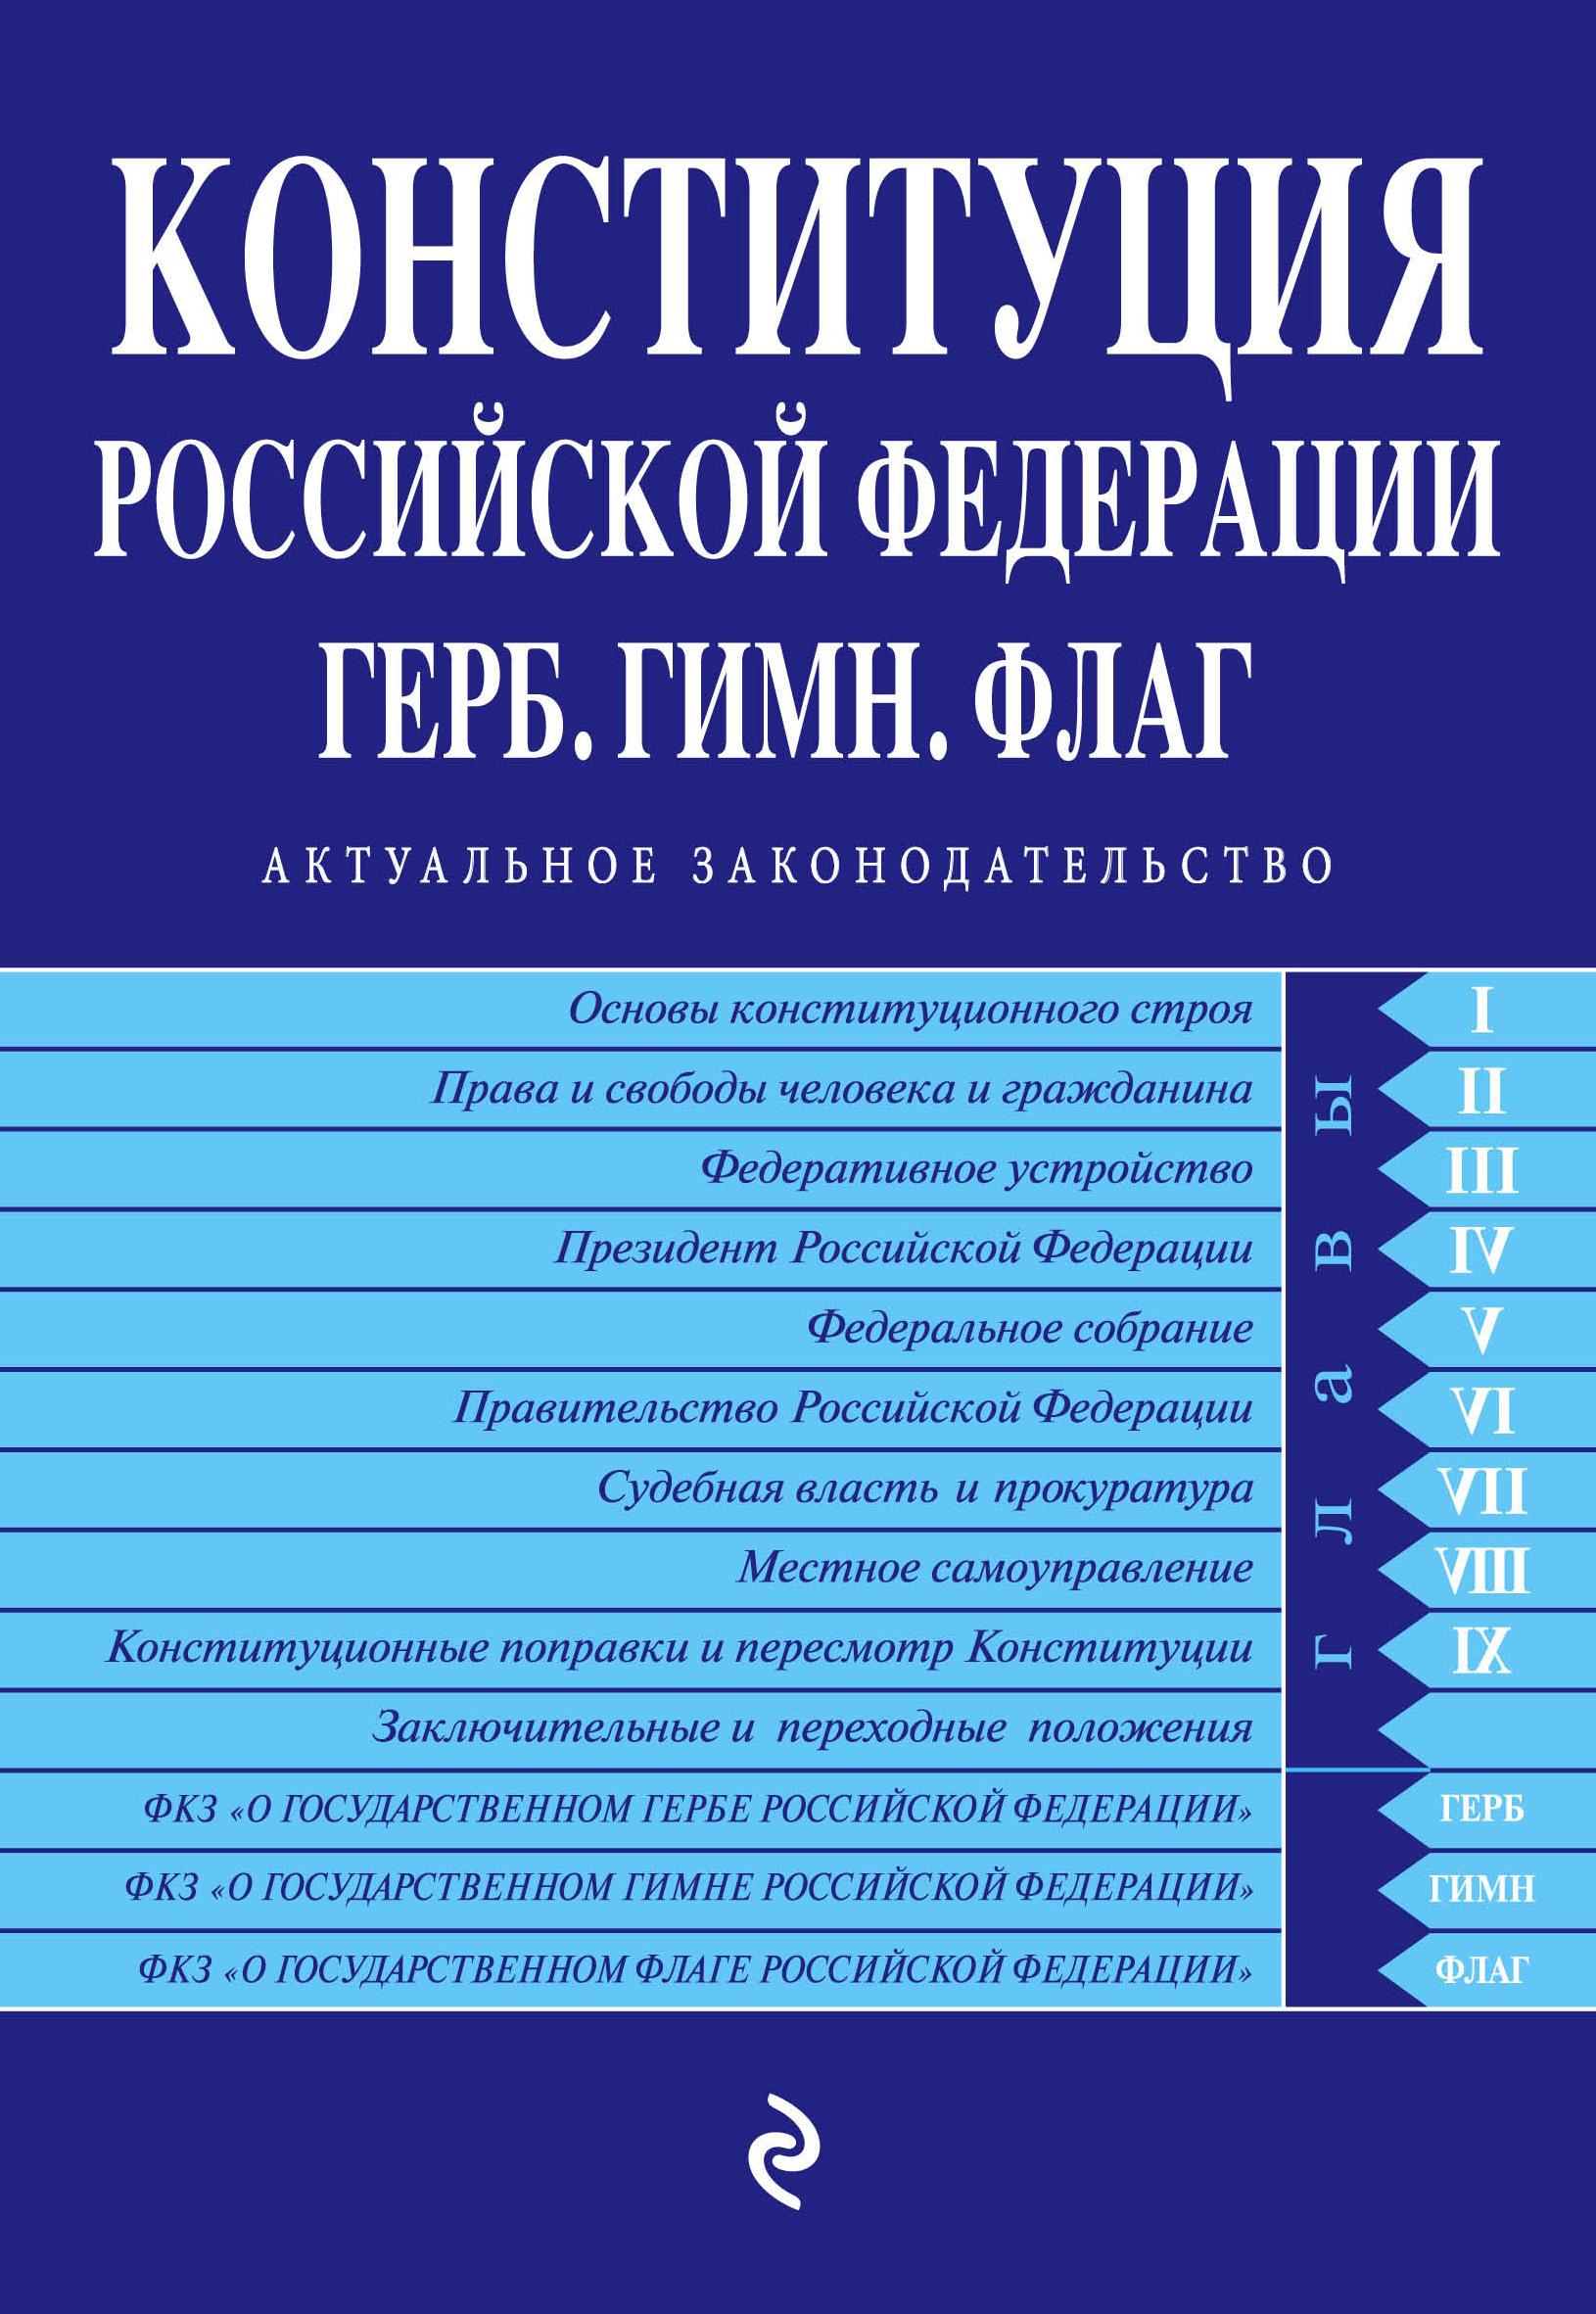 Конституция Российской Федерации 2017. Герб. Гимн. Флаг